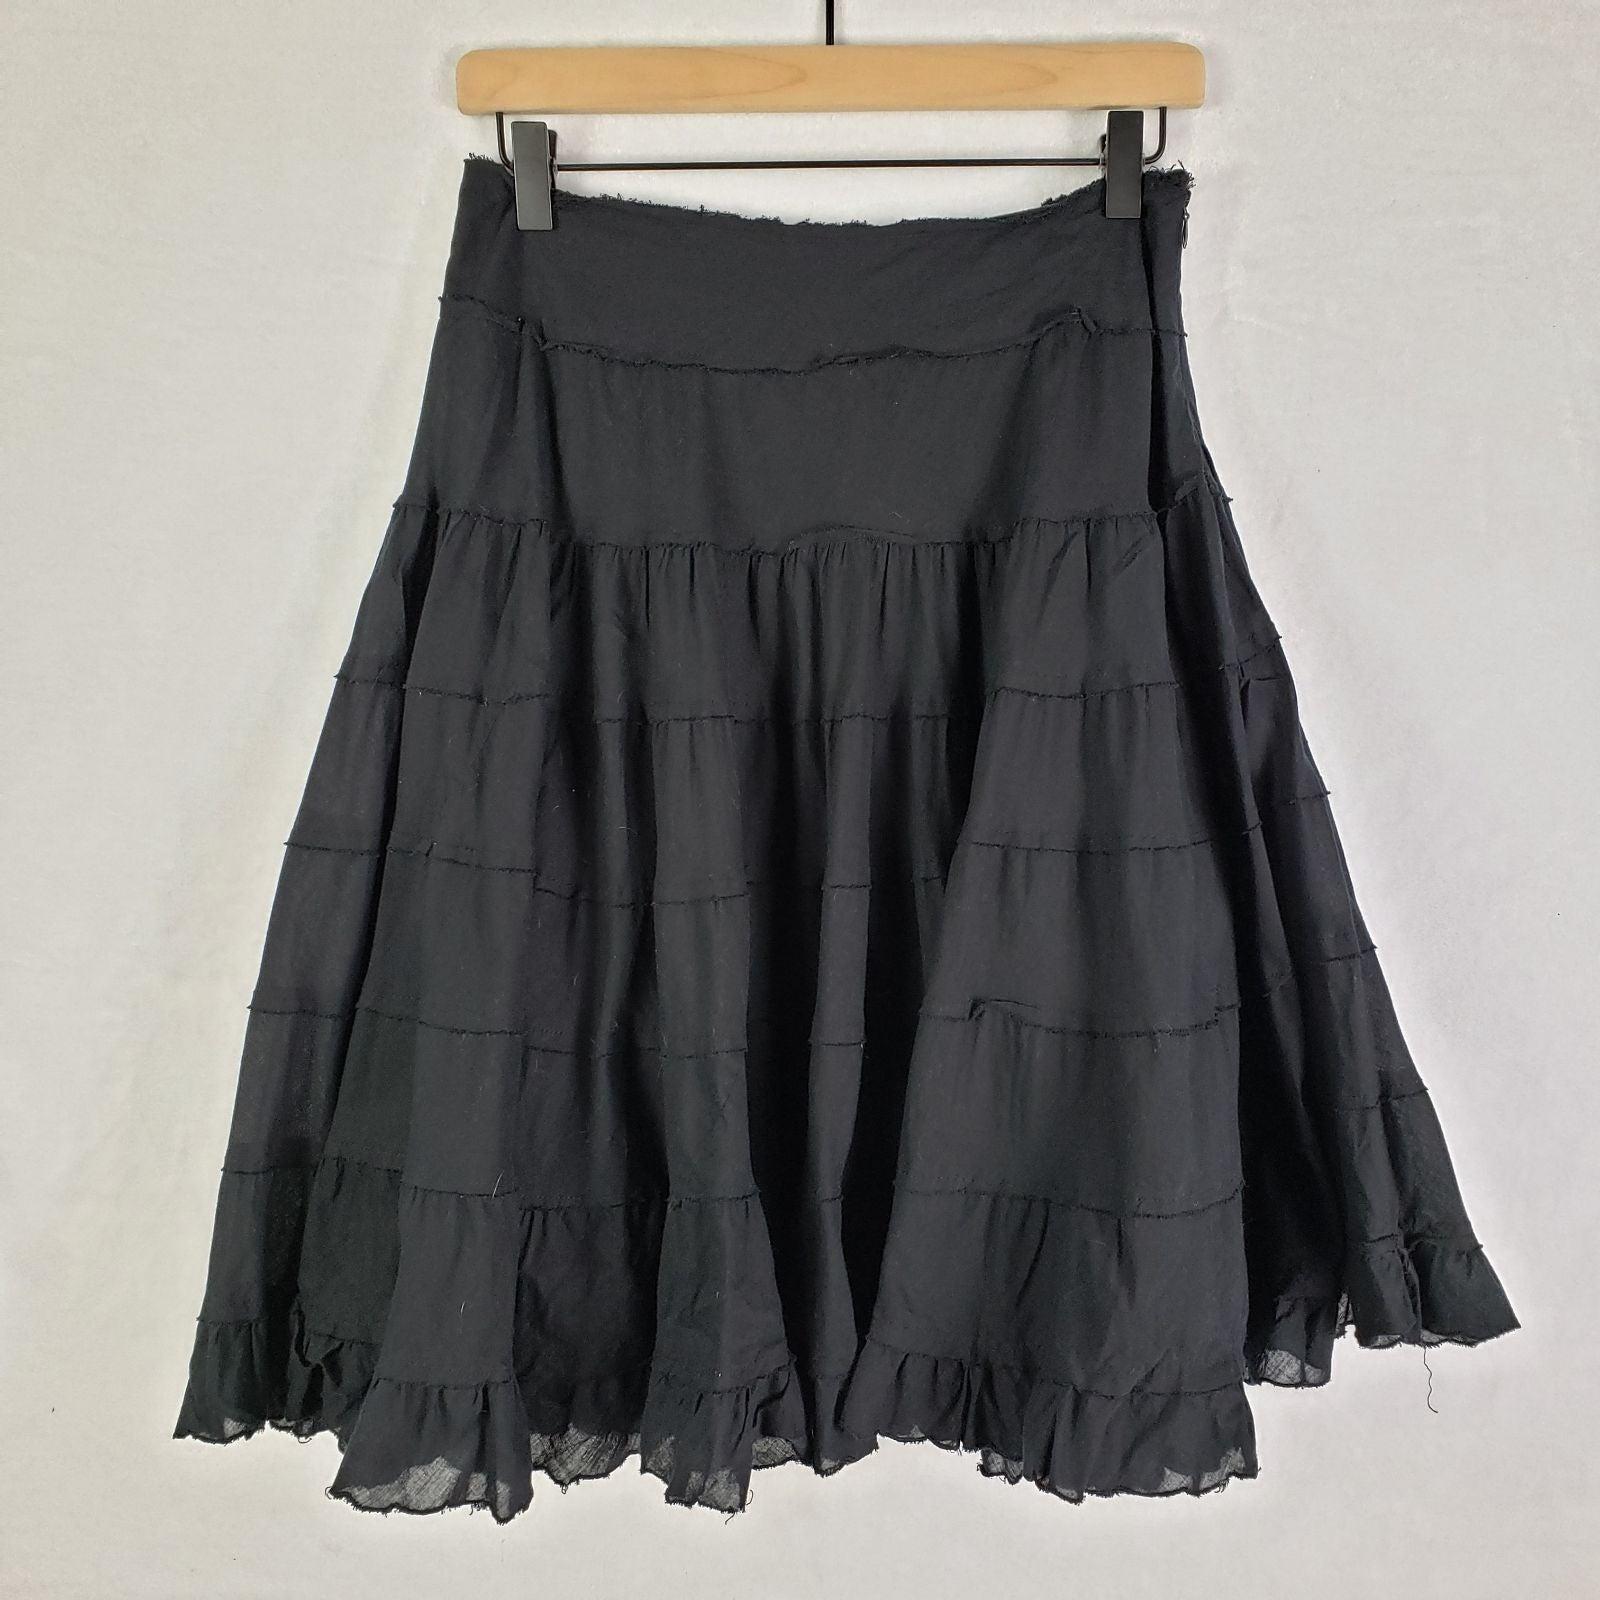 WHBM Tiered Ruffle Skirt